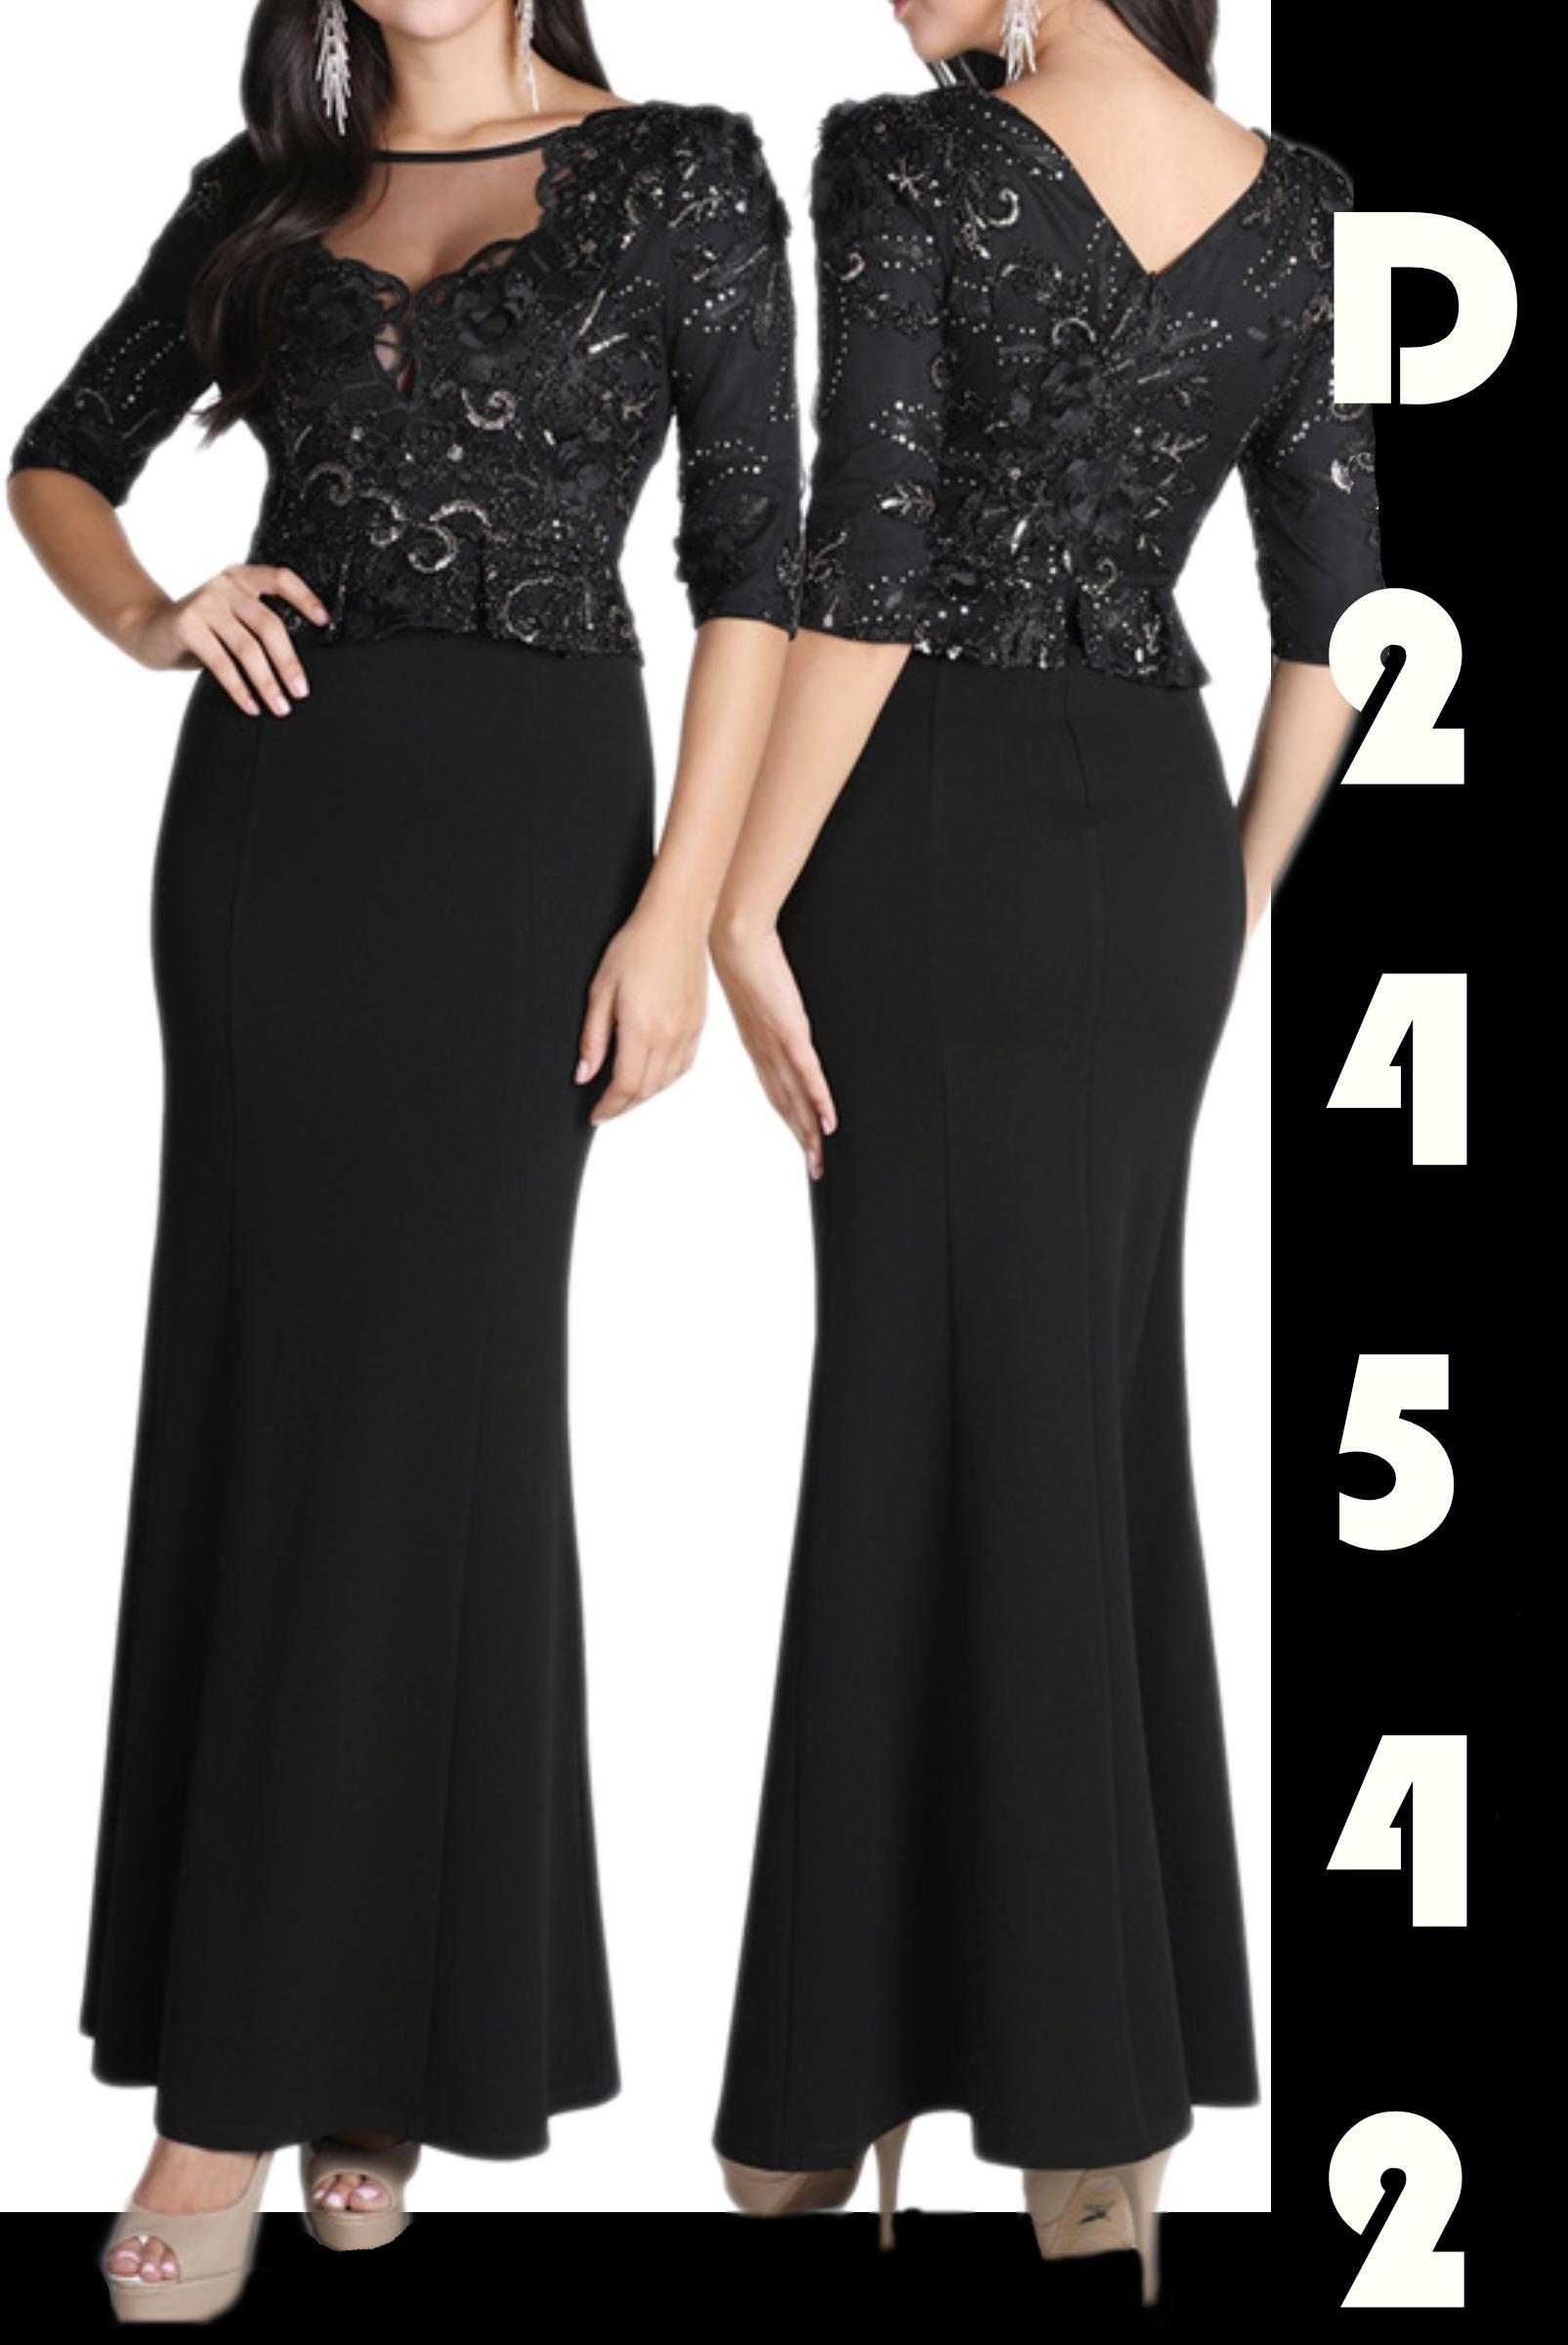 Vestido de Fiesta Largo con falda y superior decorado con lentejuelas